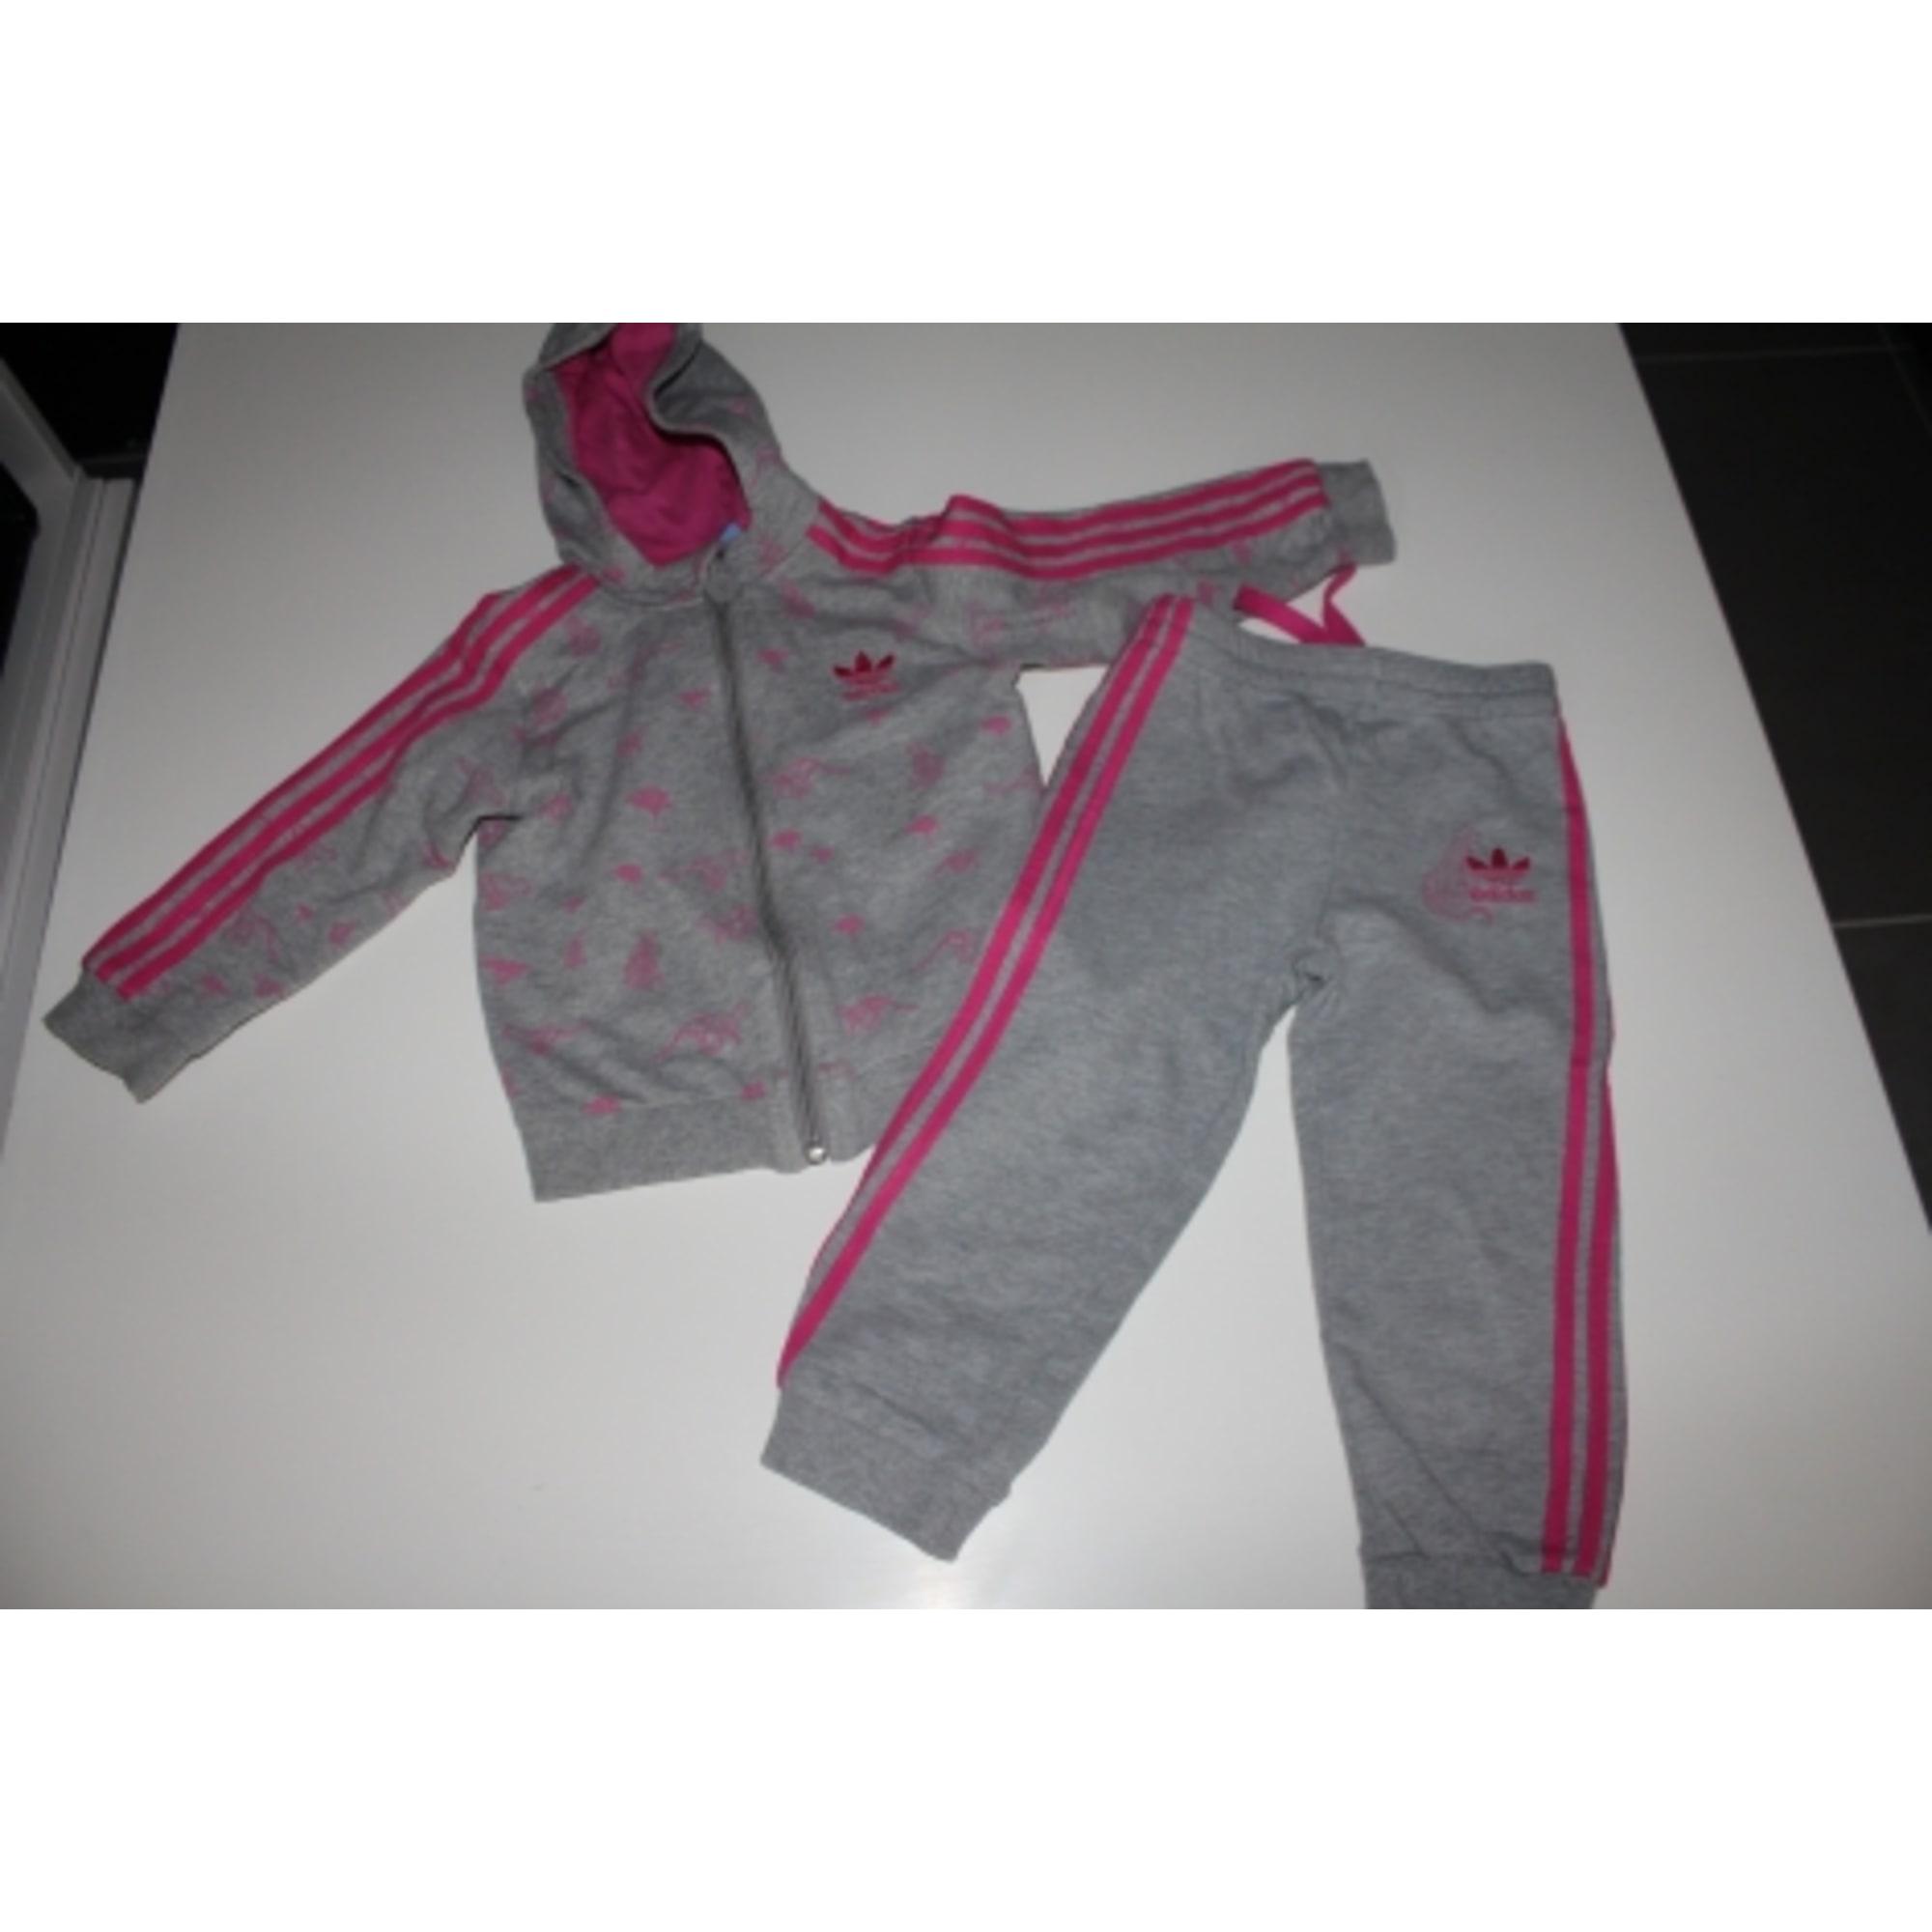 Combinaison Adidas Ensembleamp; Ensembleamp; Combinaison Ensembleamp; Combinaison Adidas Pantalon Pantalon Pantalon CordxeB